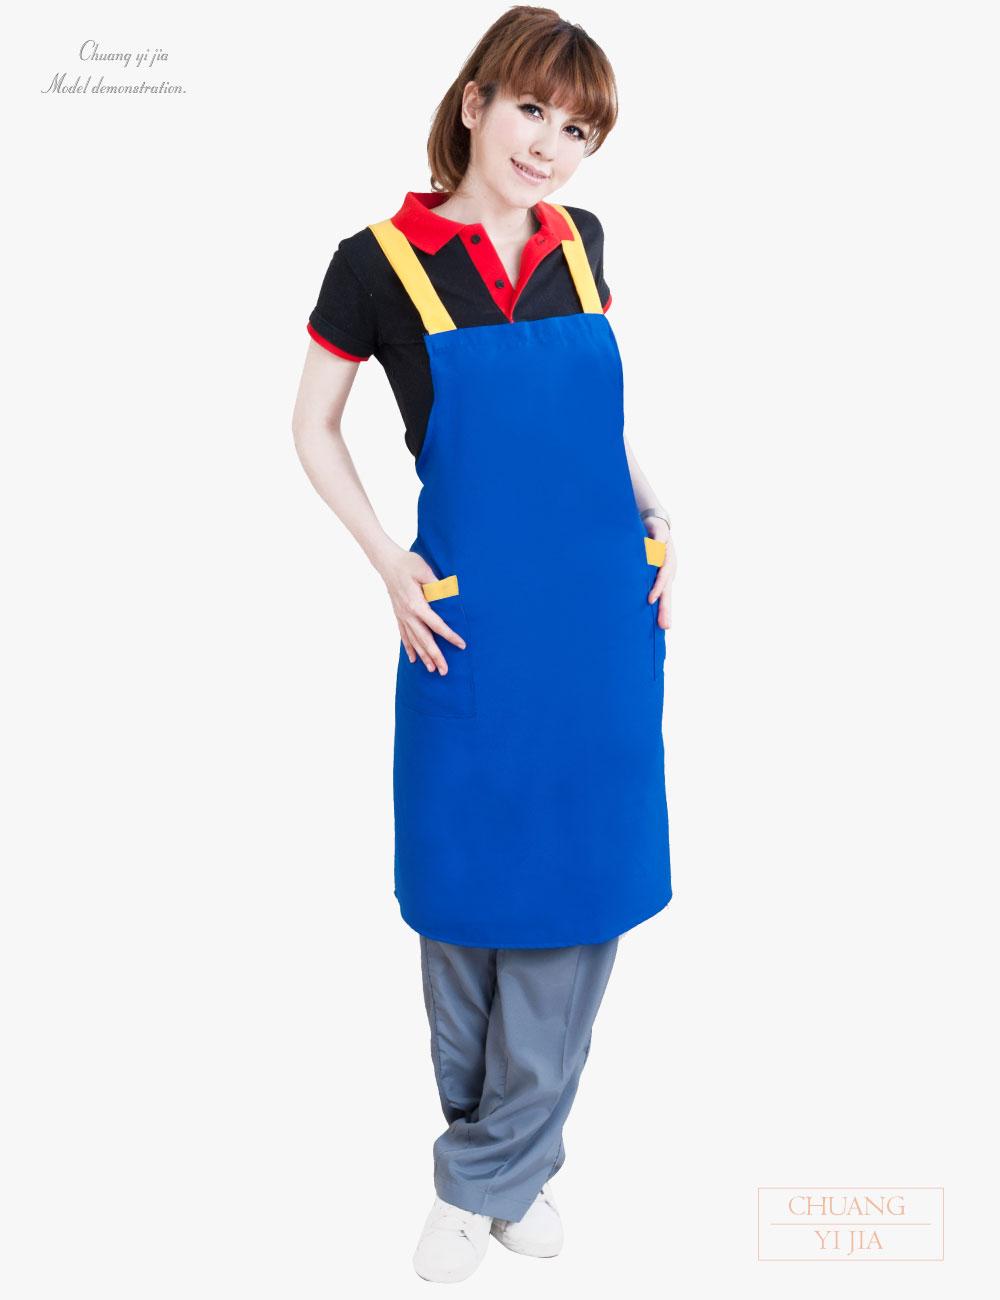 書店日式圍裙,專業圍裙,廚師圍裙,烘培圍裙,園藝圍裙,防髒圍裙,日式圍裙,半截圍裙,圍裙訂製,職人日式圍裙圍